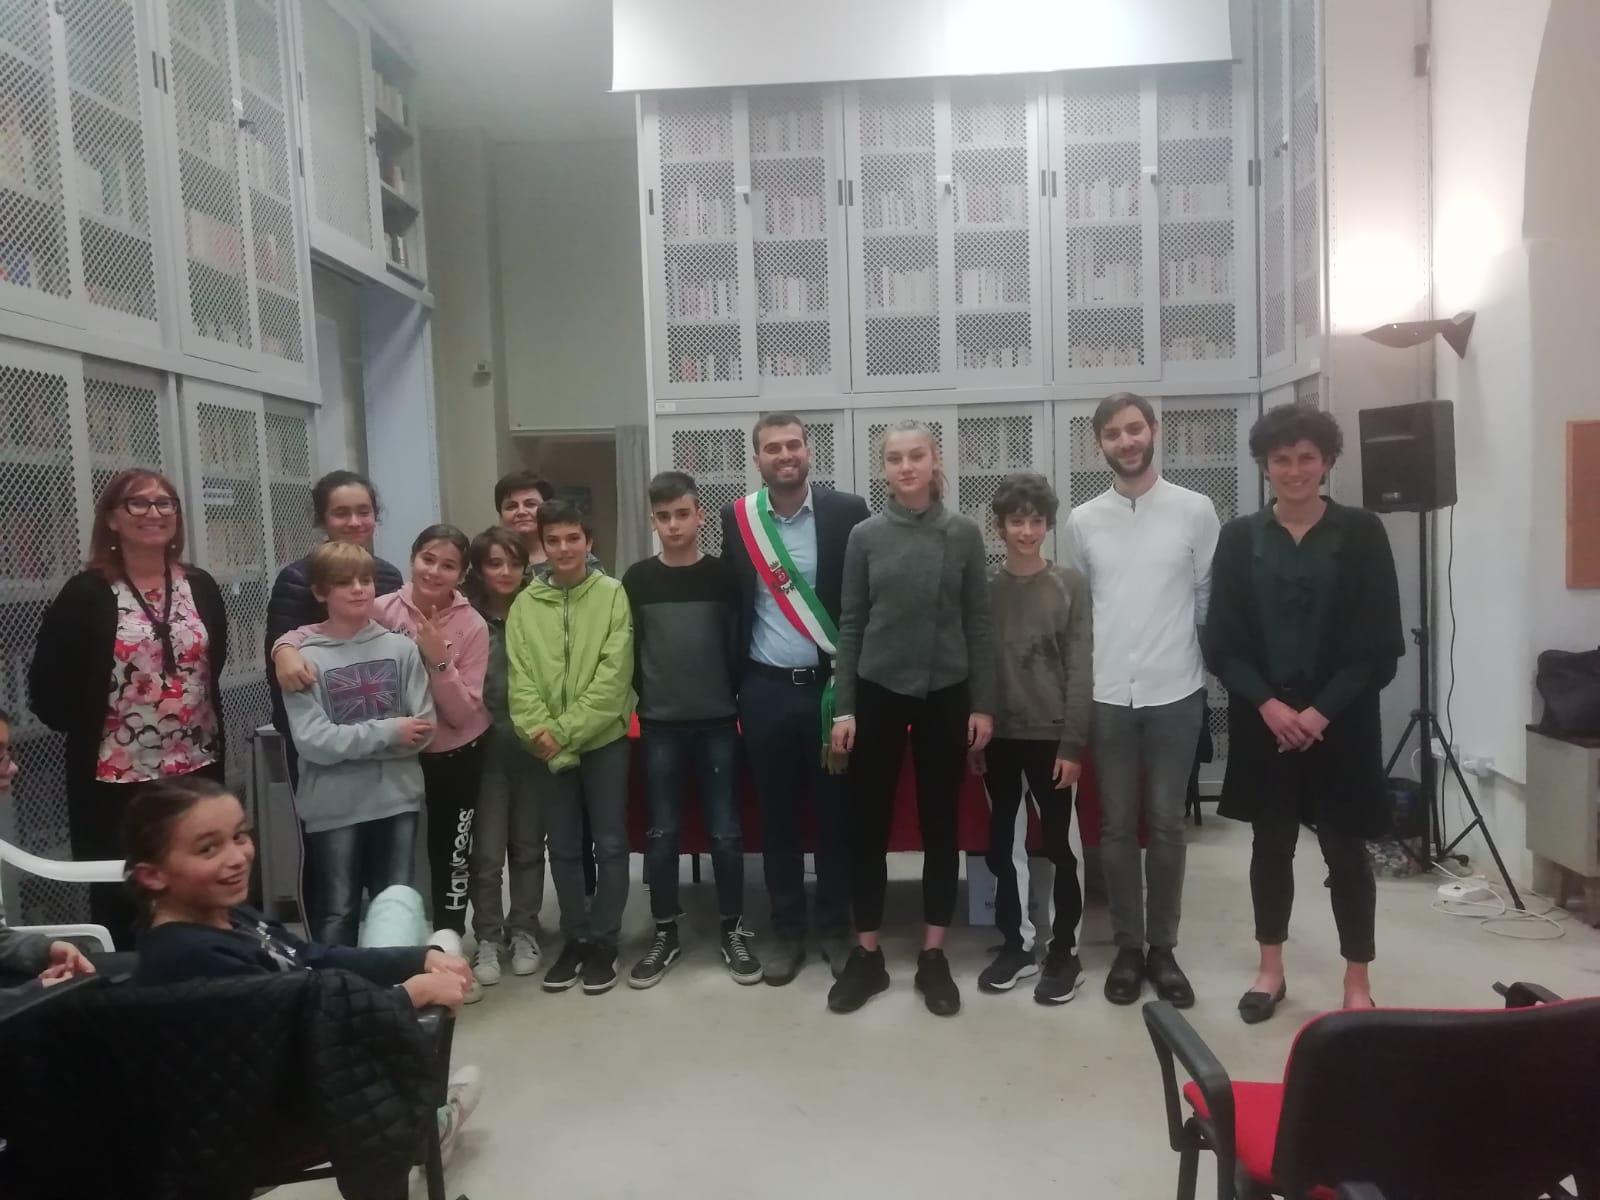 Eletto il Minisindaco di Bibbiena e il Consiglio comunale dei ragazzi - Casentinopiù